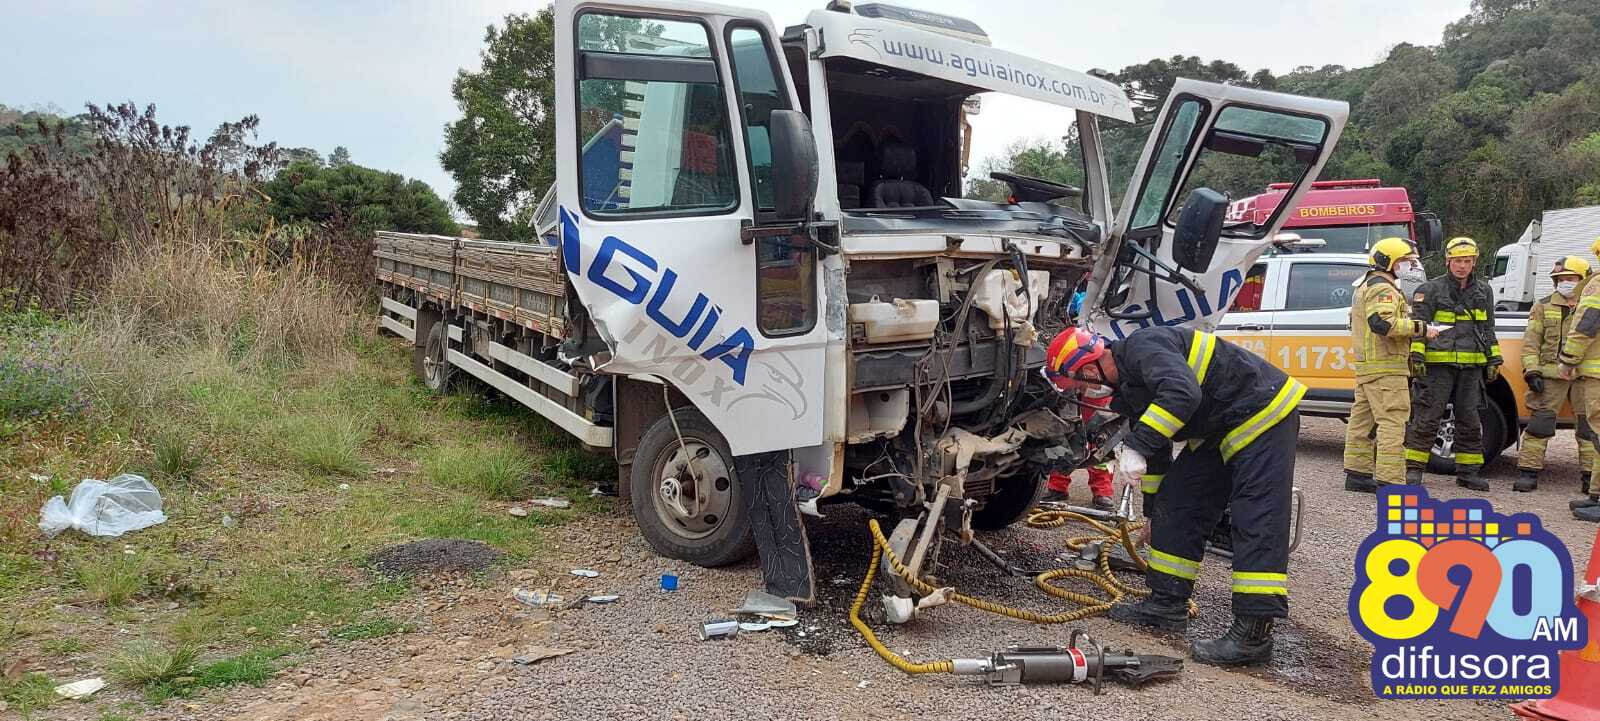 Homem fica ferido em acidente na RSC-453, em Garibaldi